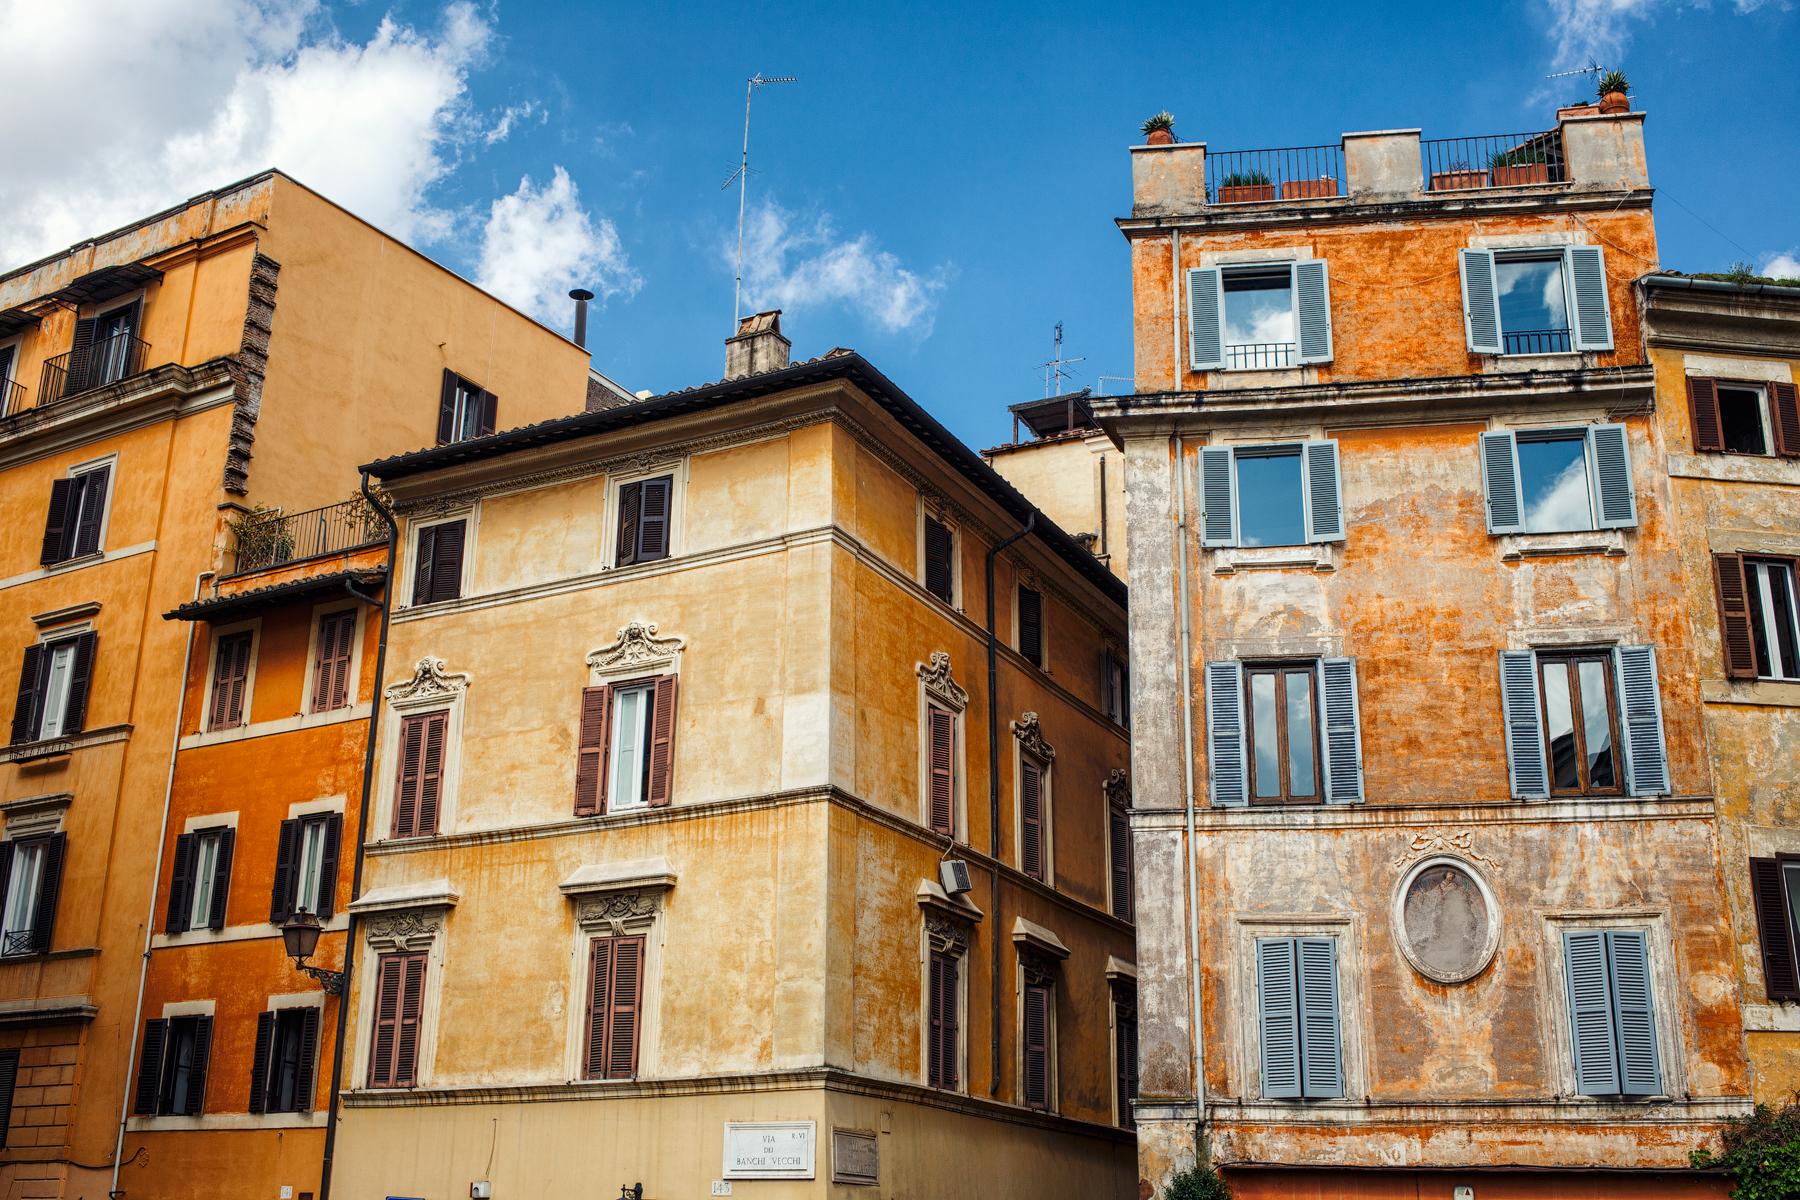 Город цвета охры. Открытки из Рима (весна 2018)